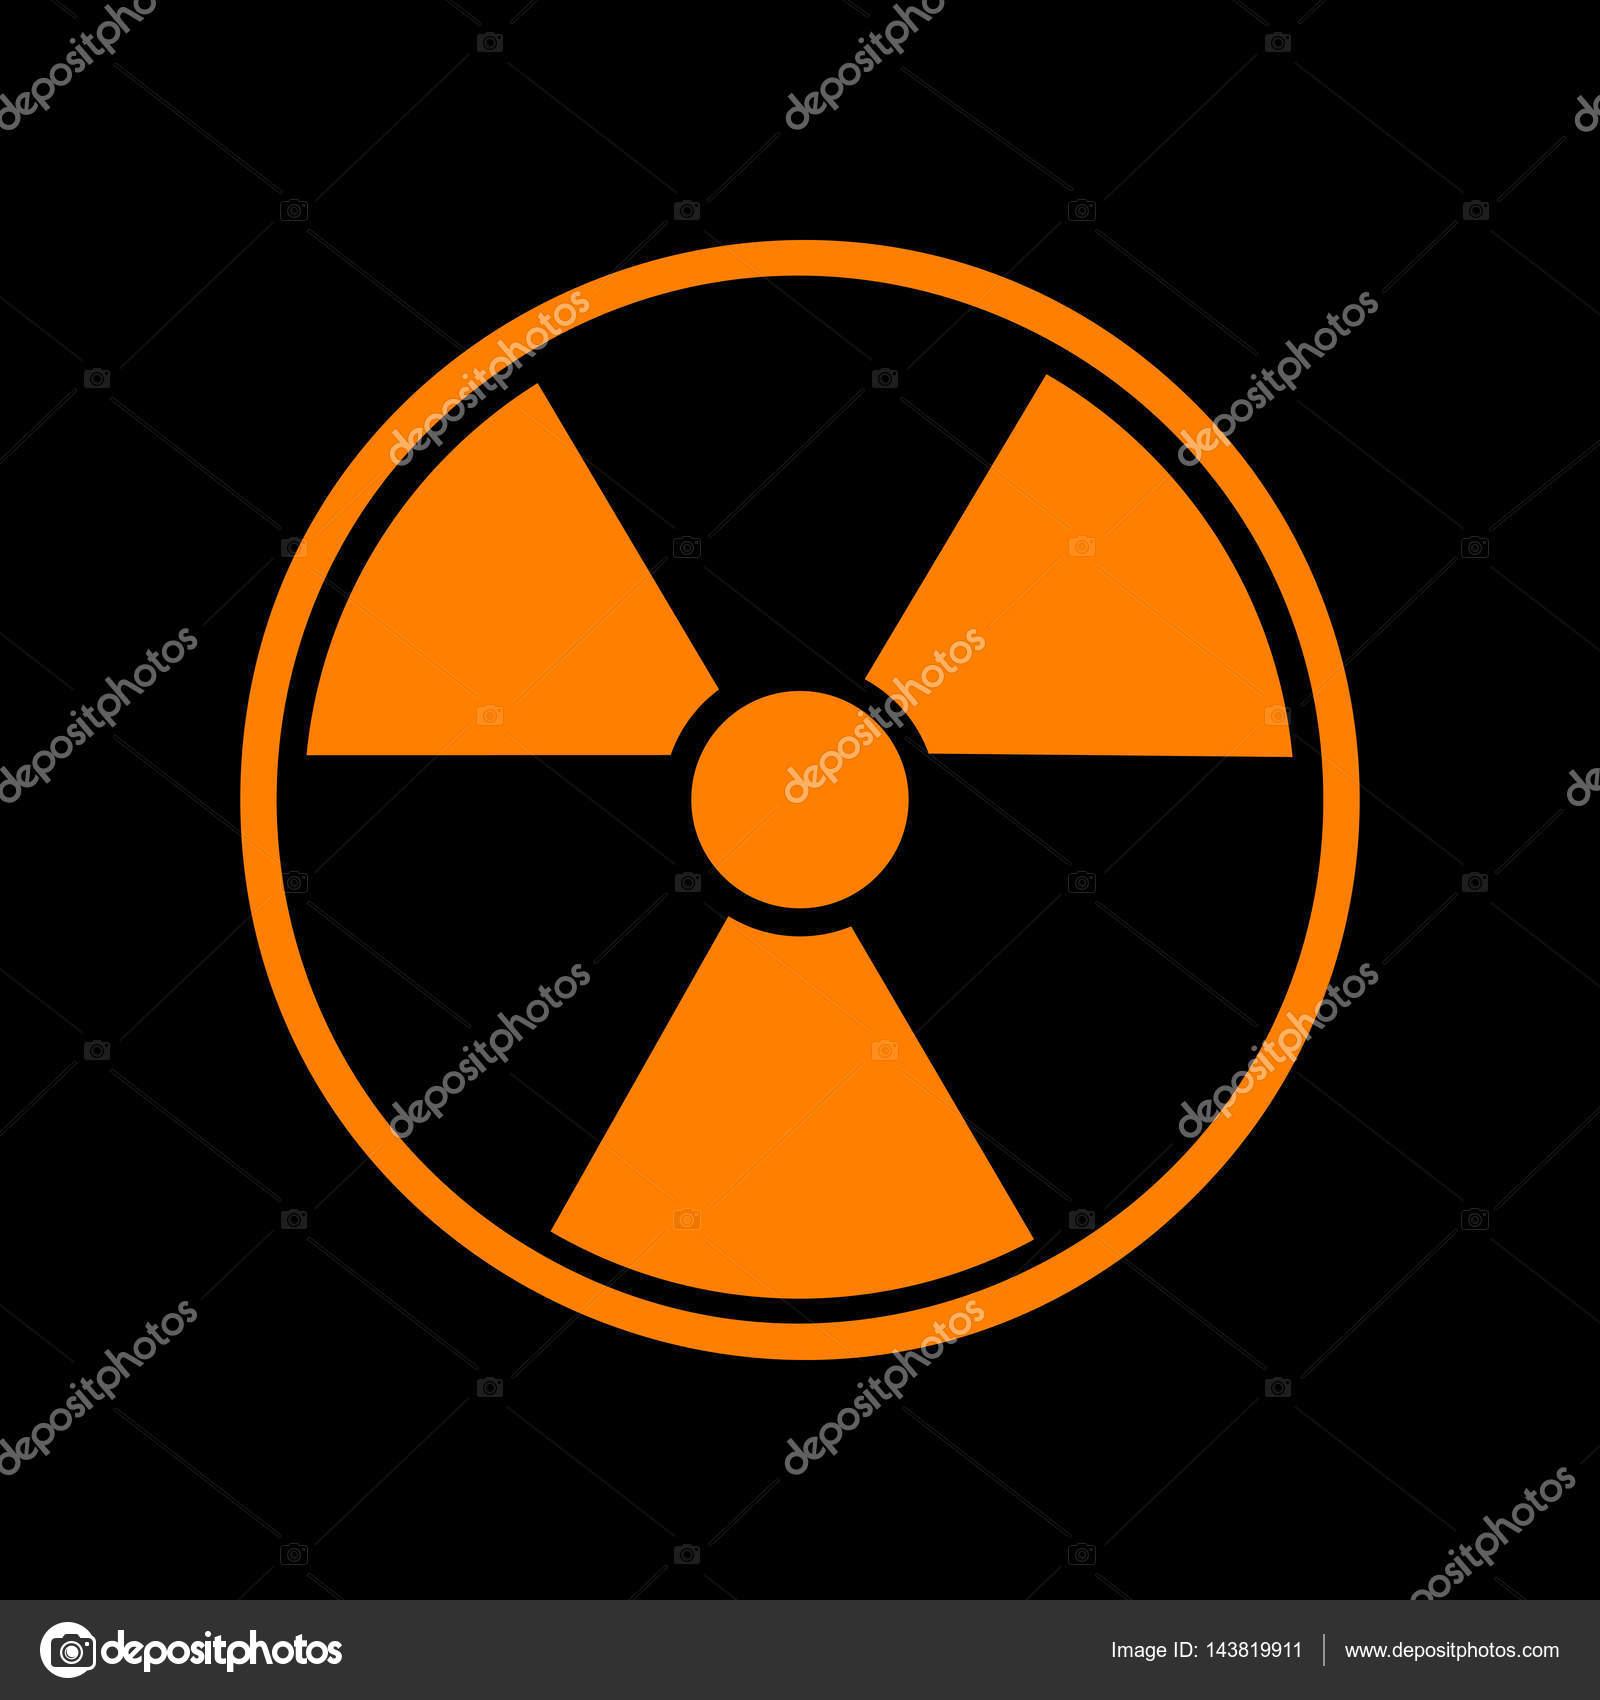 Radiation Round Sign Orange Icon On Black Background Old Phosphor Crt Monitor Diagram